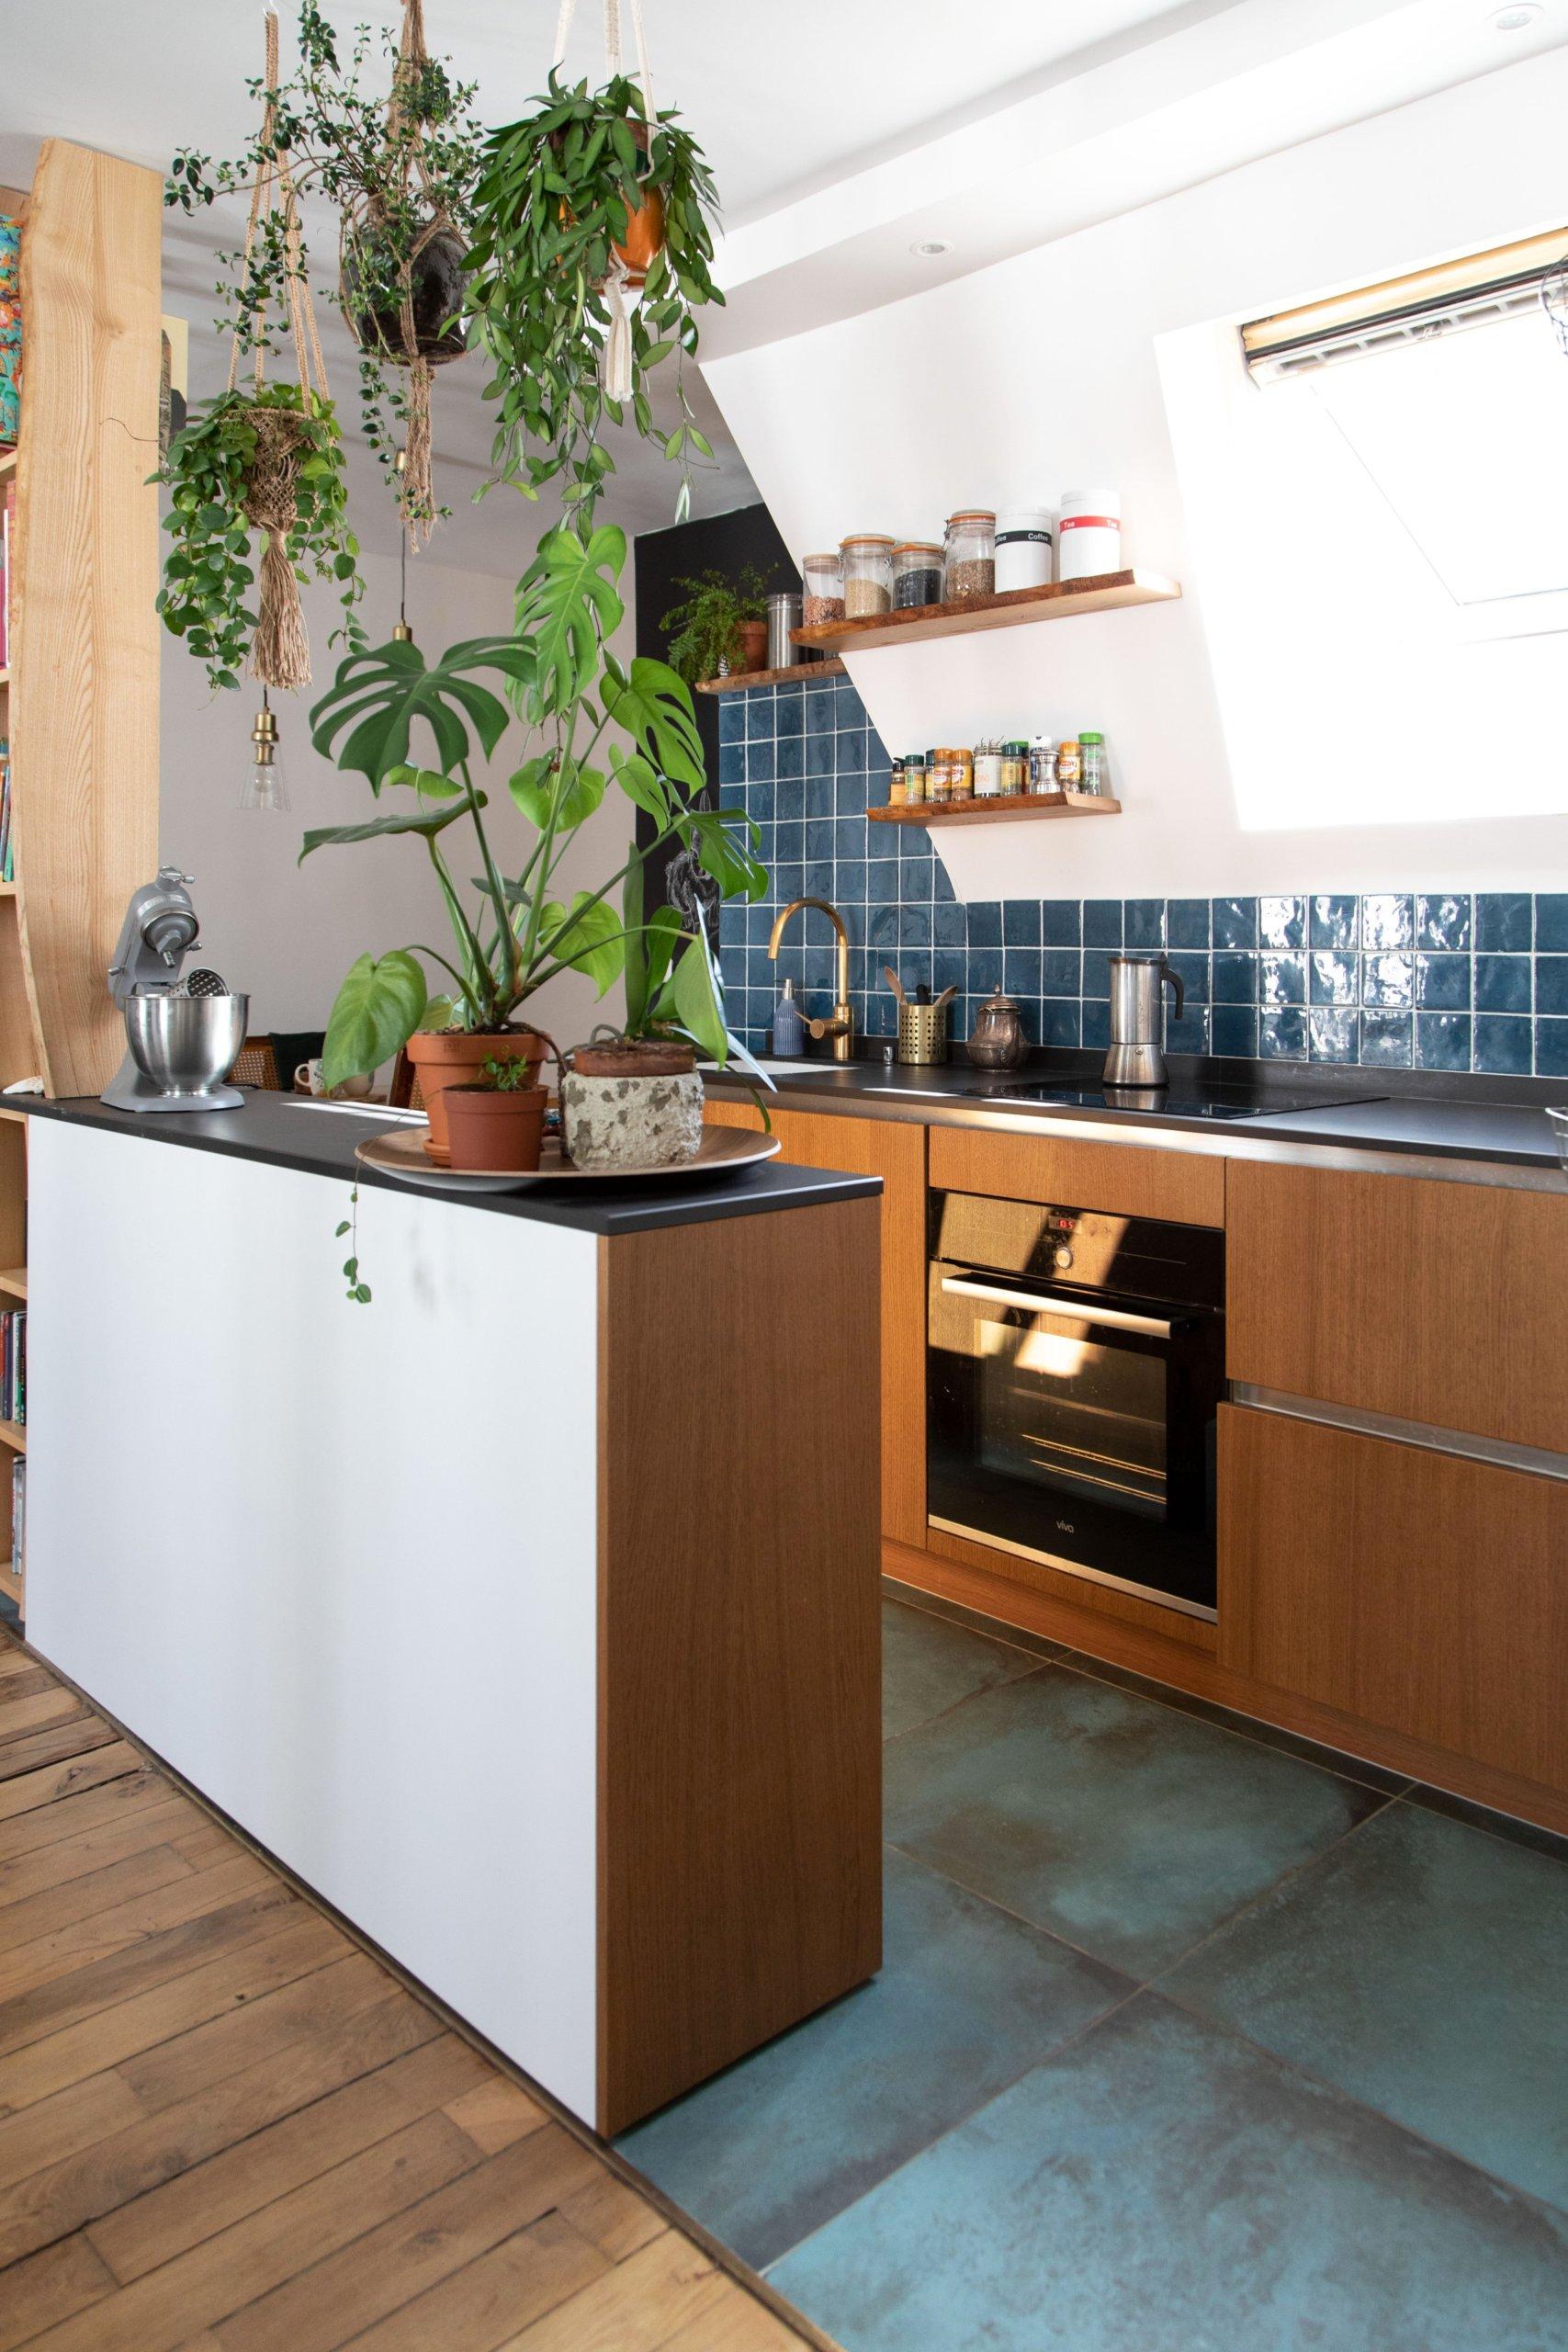 Ngắm những căn bếp nhỏ đầy màu sắc, đẹp đến mức làm xiêu lòng bất cứ ai - Ảnh 18.